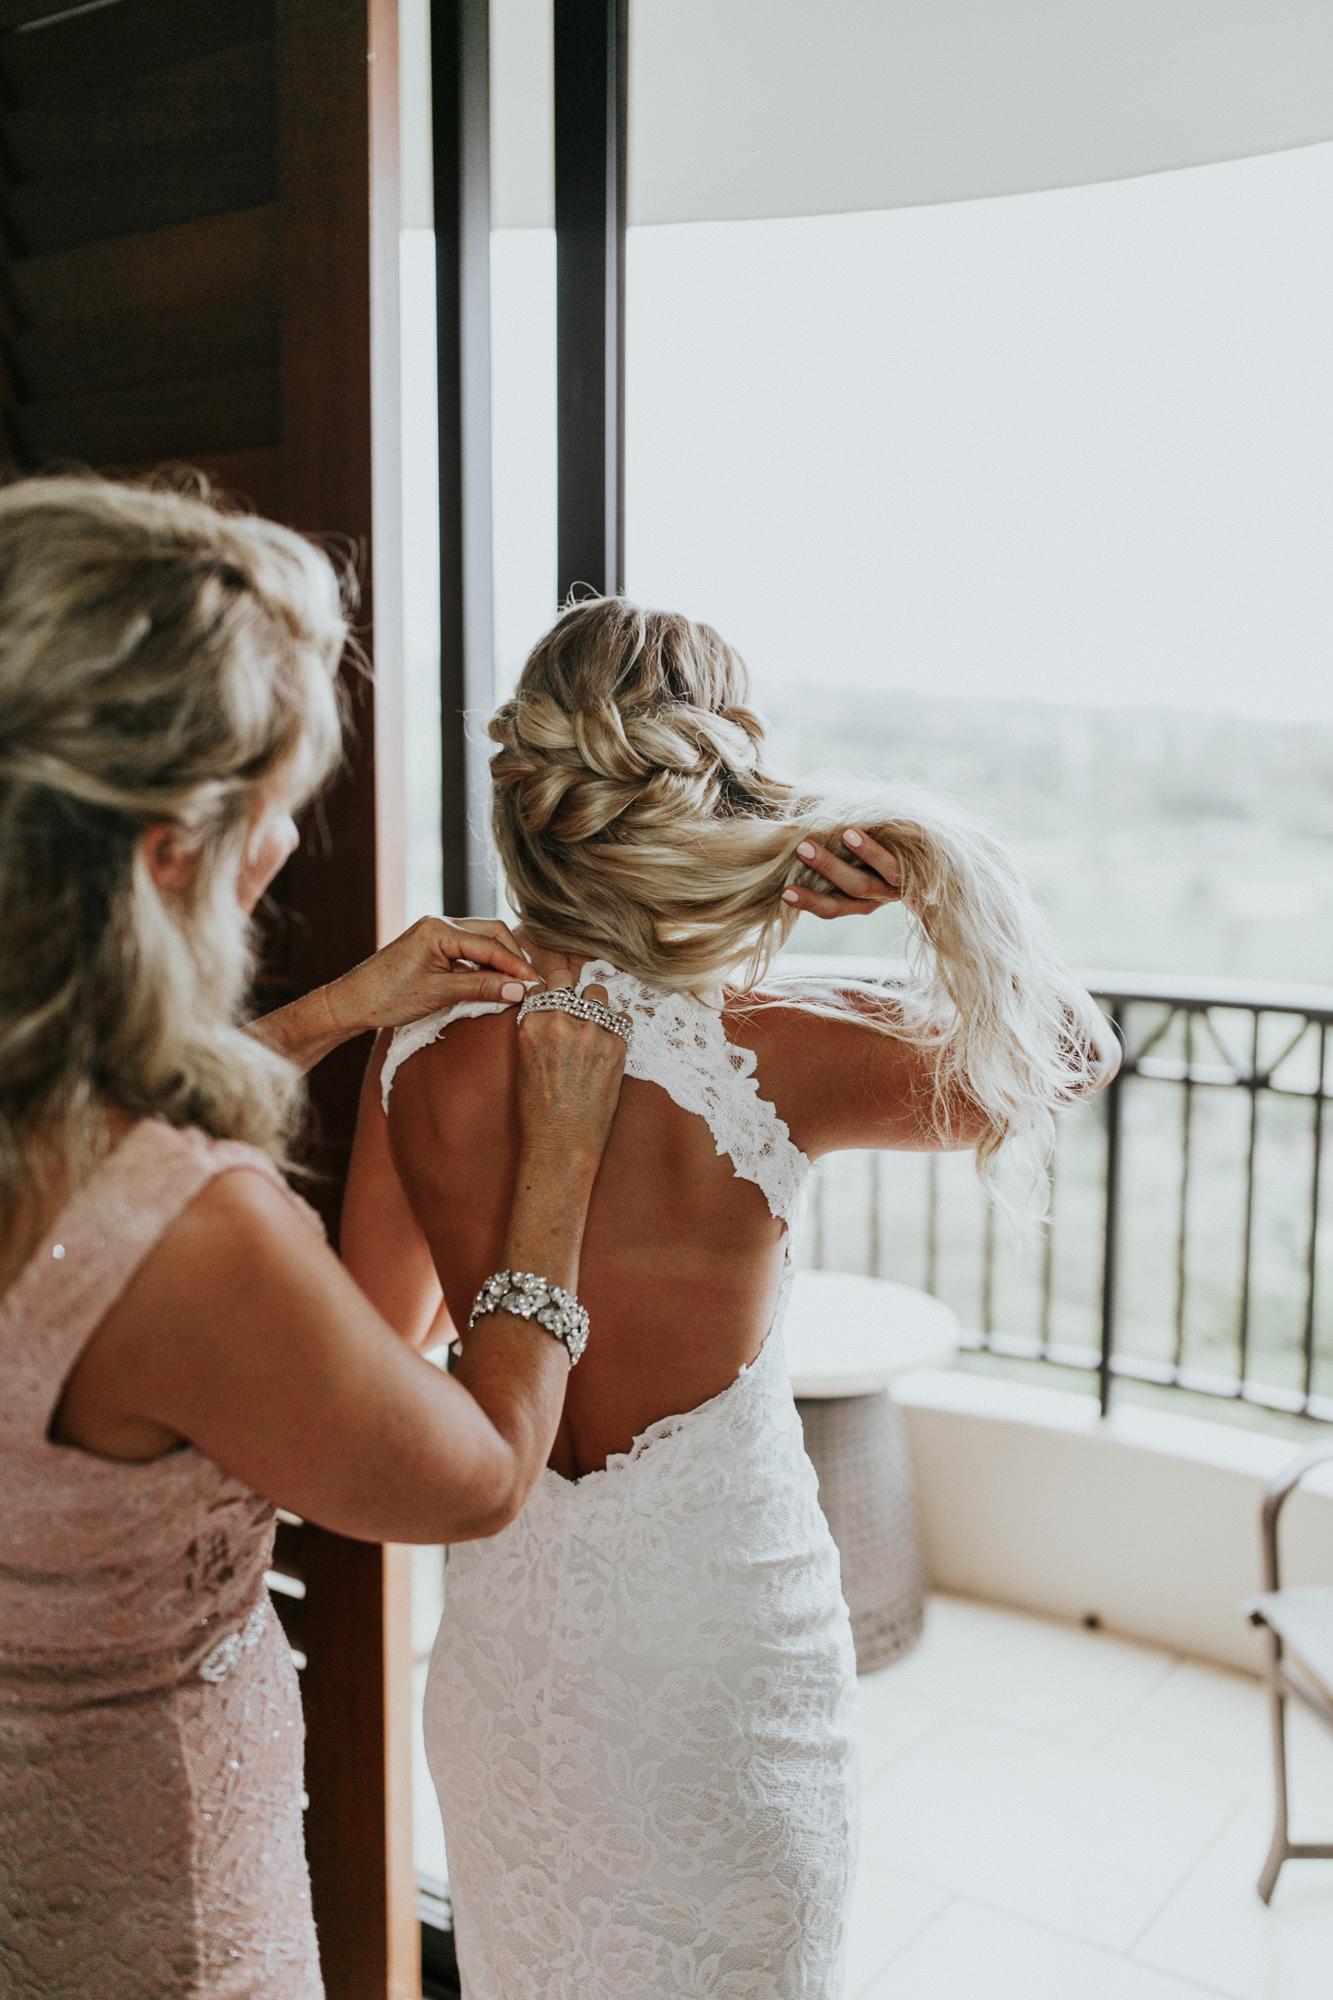 destination-wedding-photographer-hawaii-maui-elopement-25.jpg